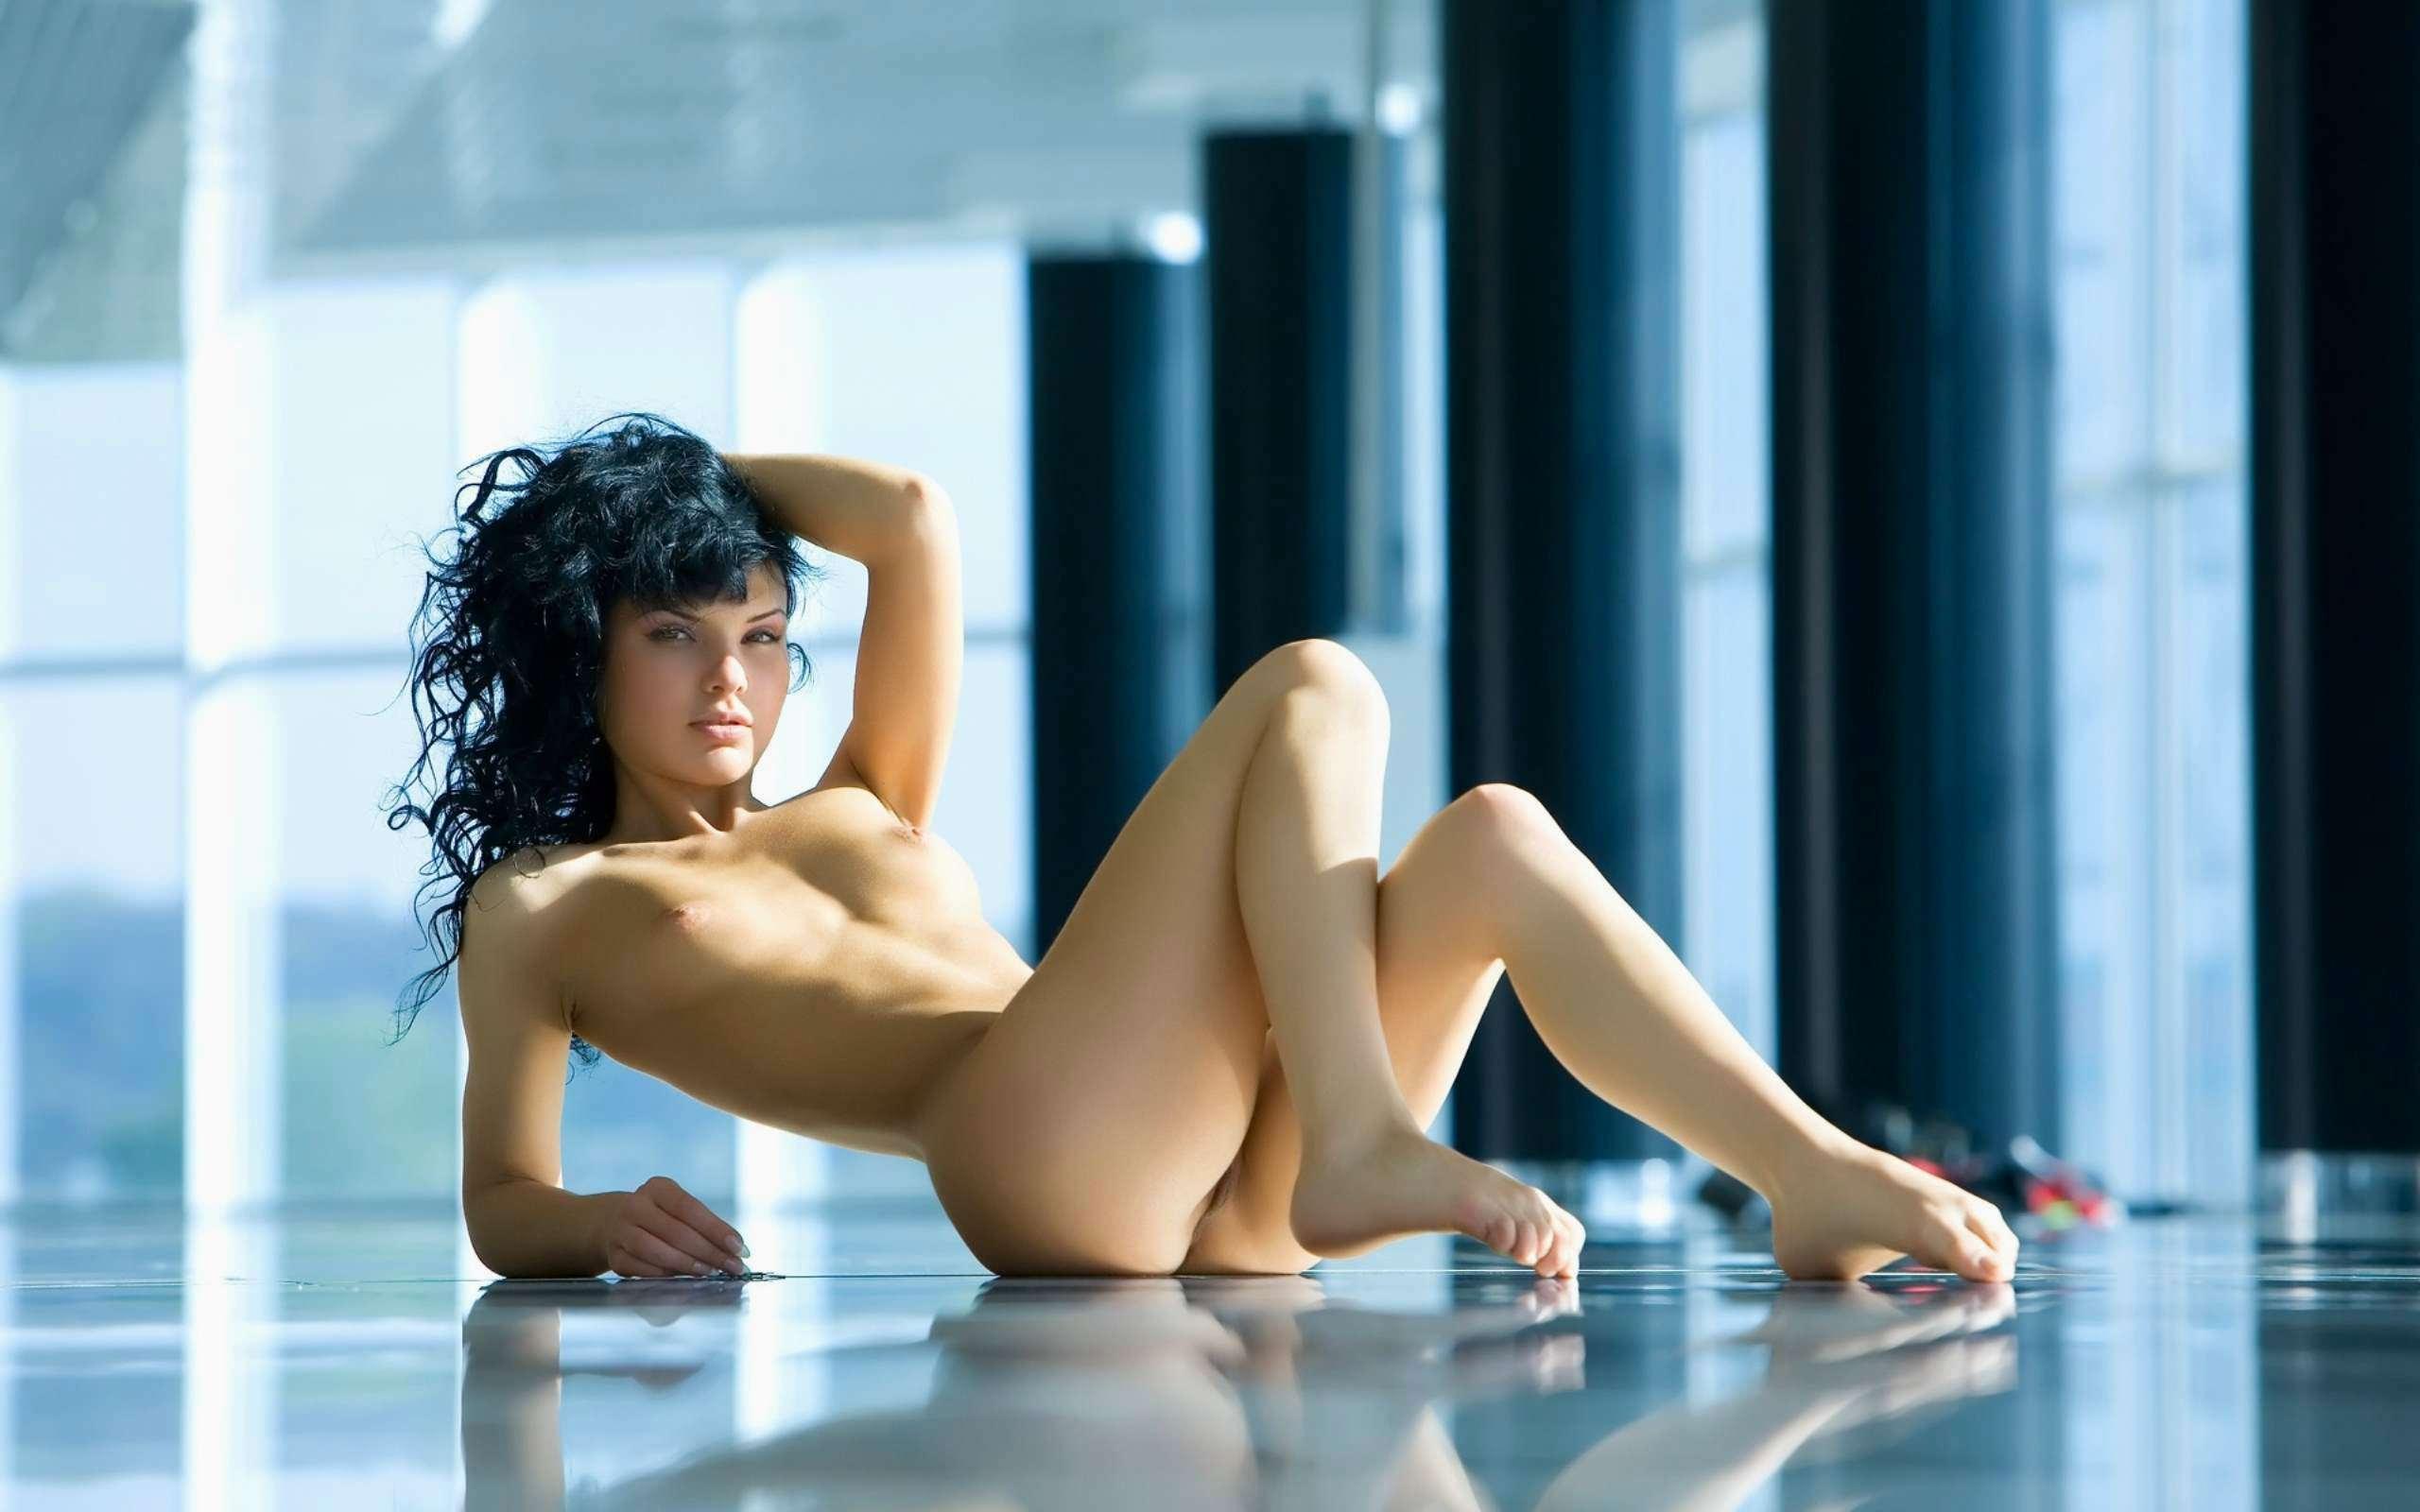 Фигурки красивых девушек ххх 9 фотография